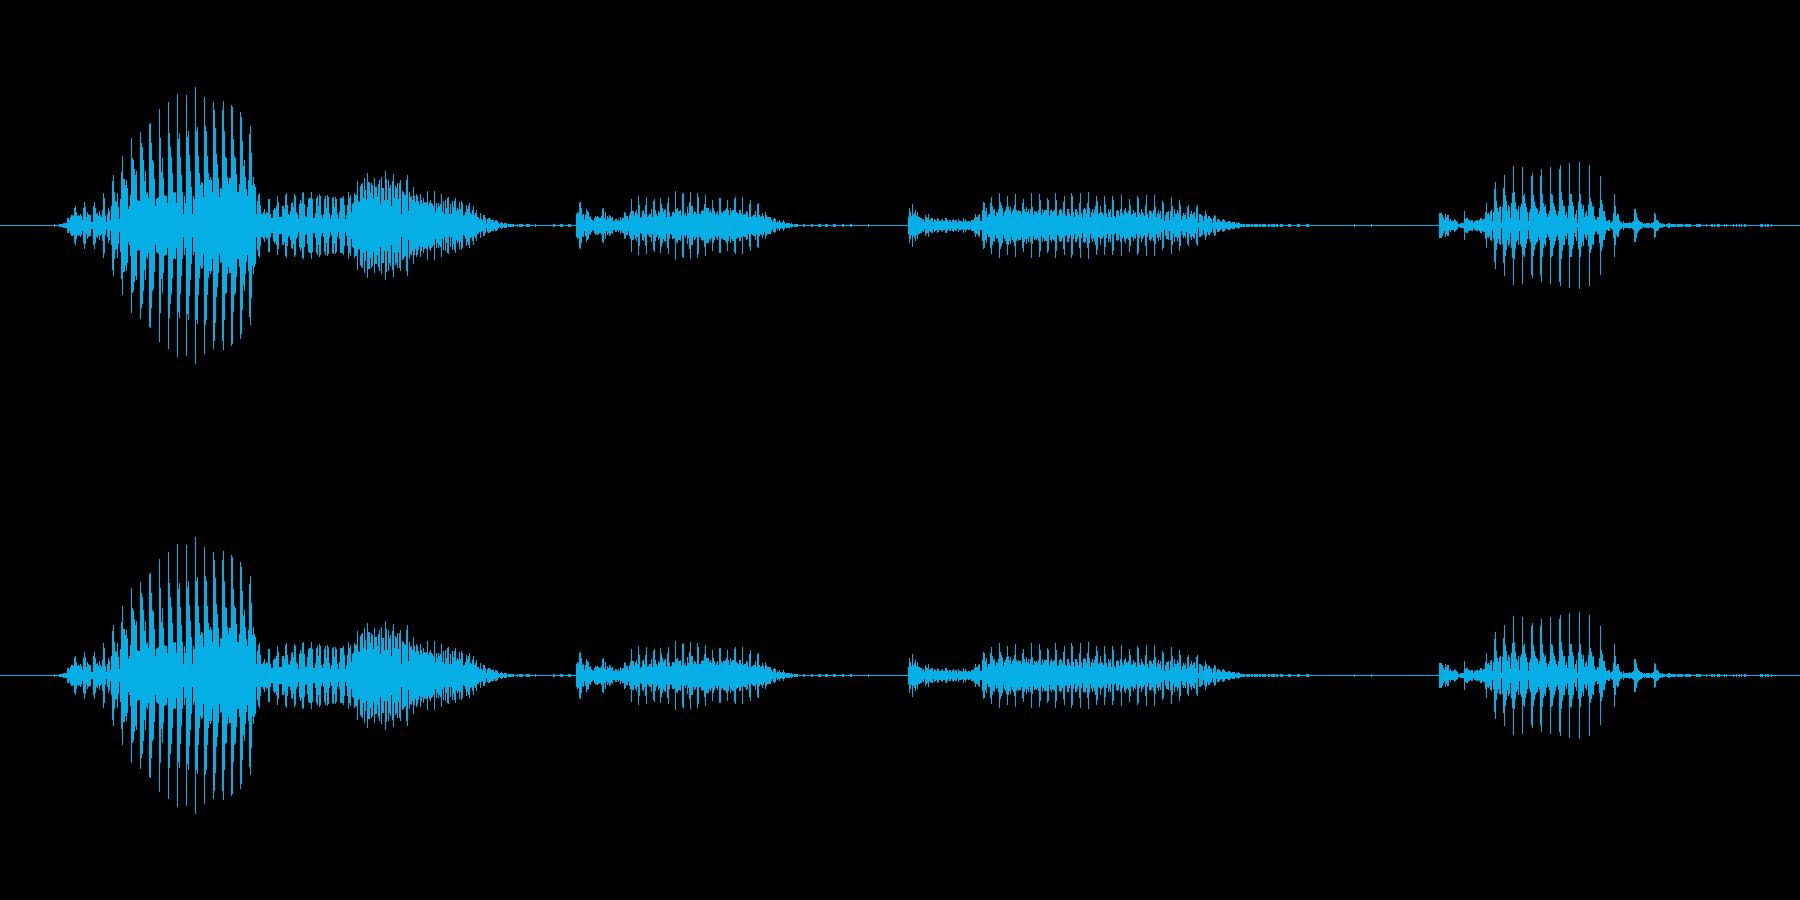 【日数・経過】7日経過の再生済みの波形